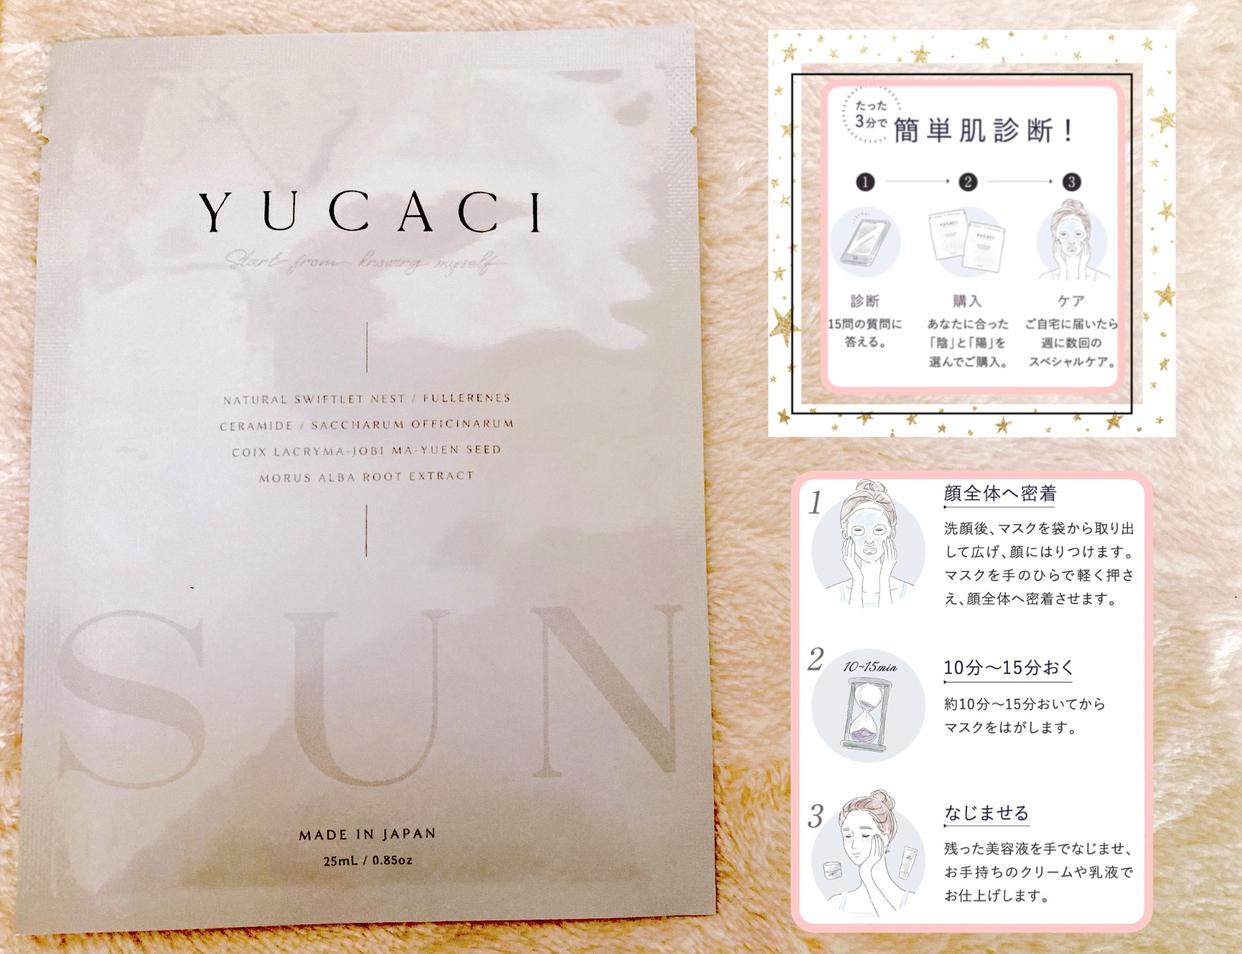 YUCACI 漢方フェイスマスク SUNを使ったメグさんのクチコミ画像1